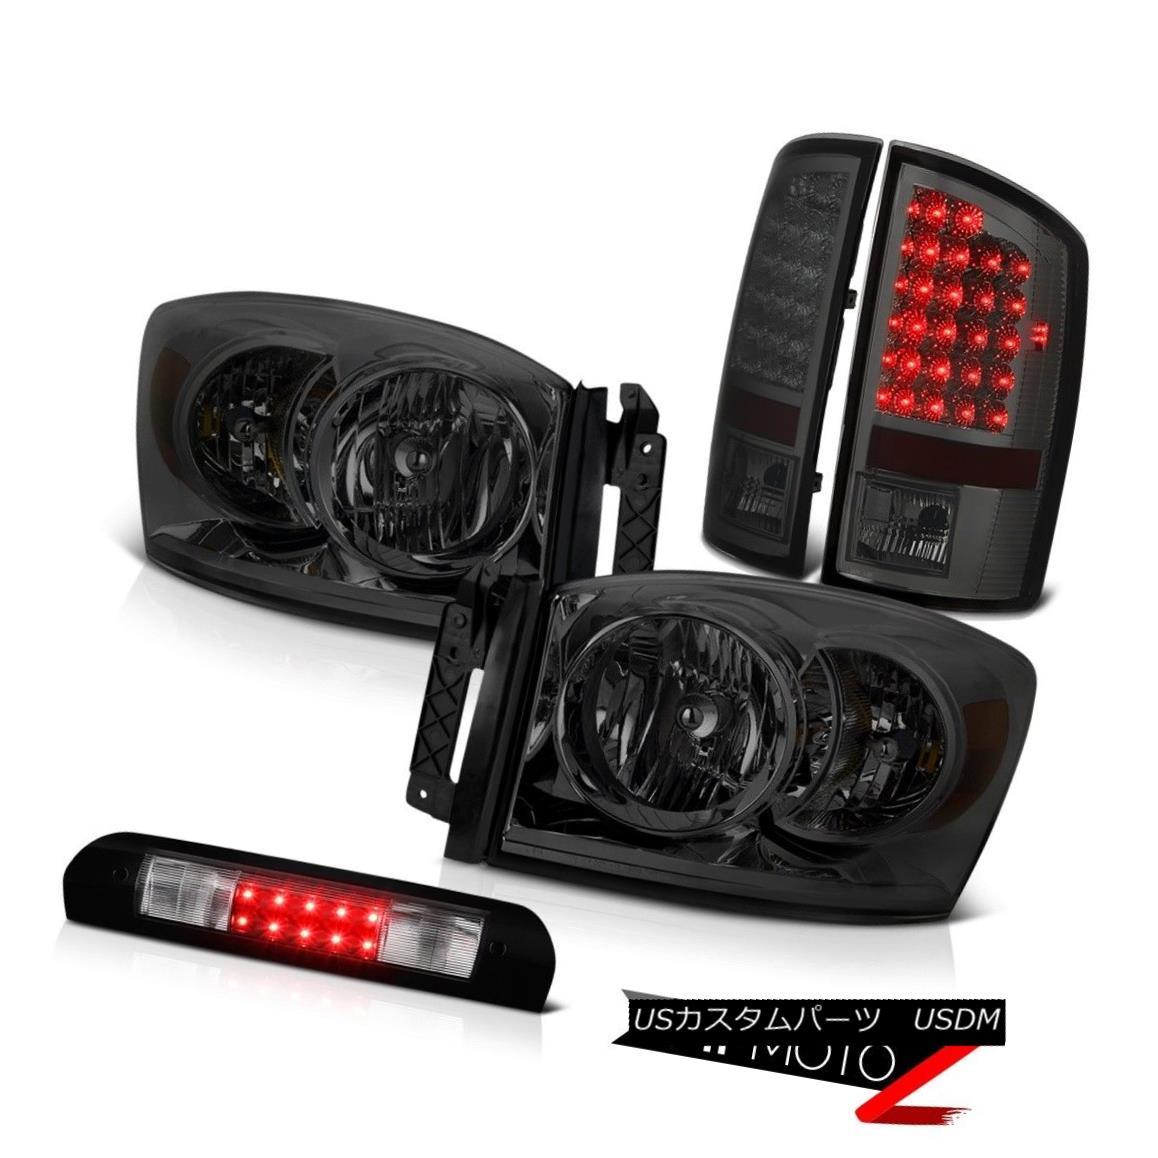 ヘッドライト Darkest Smoke Headlights LED Tail Brake Lamps High Cargo 2007 2008 Dodge Ram V6 最も暗い煙ヘッドライトLEDテールブレーキランプHigh Cargo 2007 2008 Dodge Ram V6